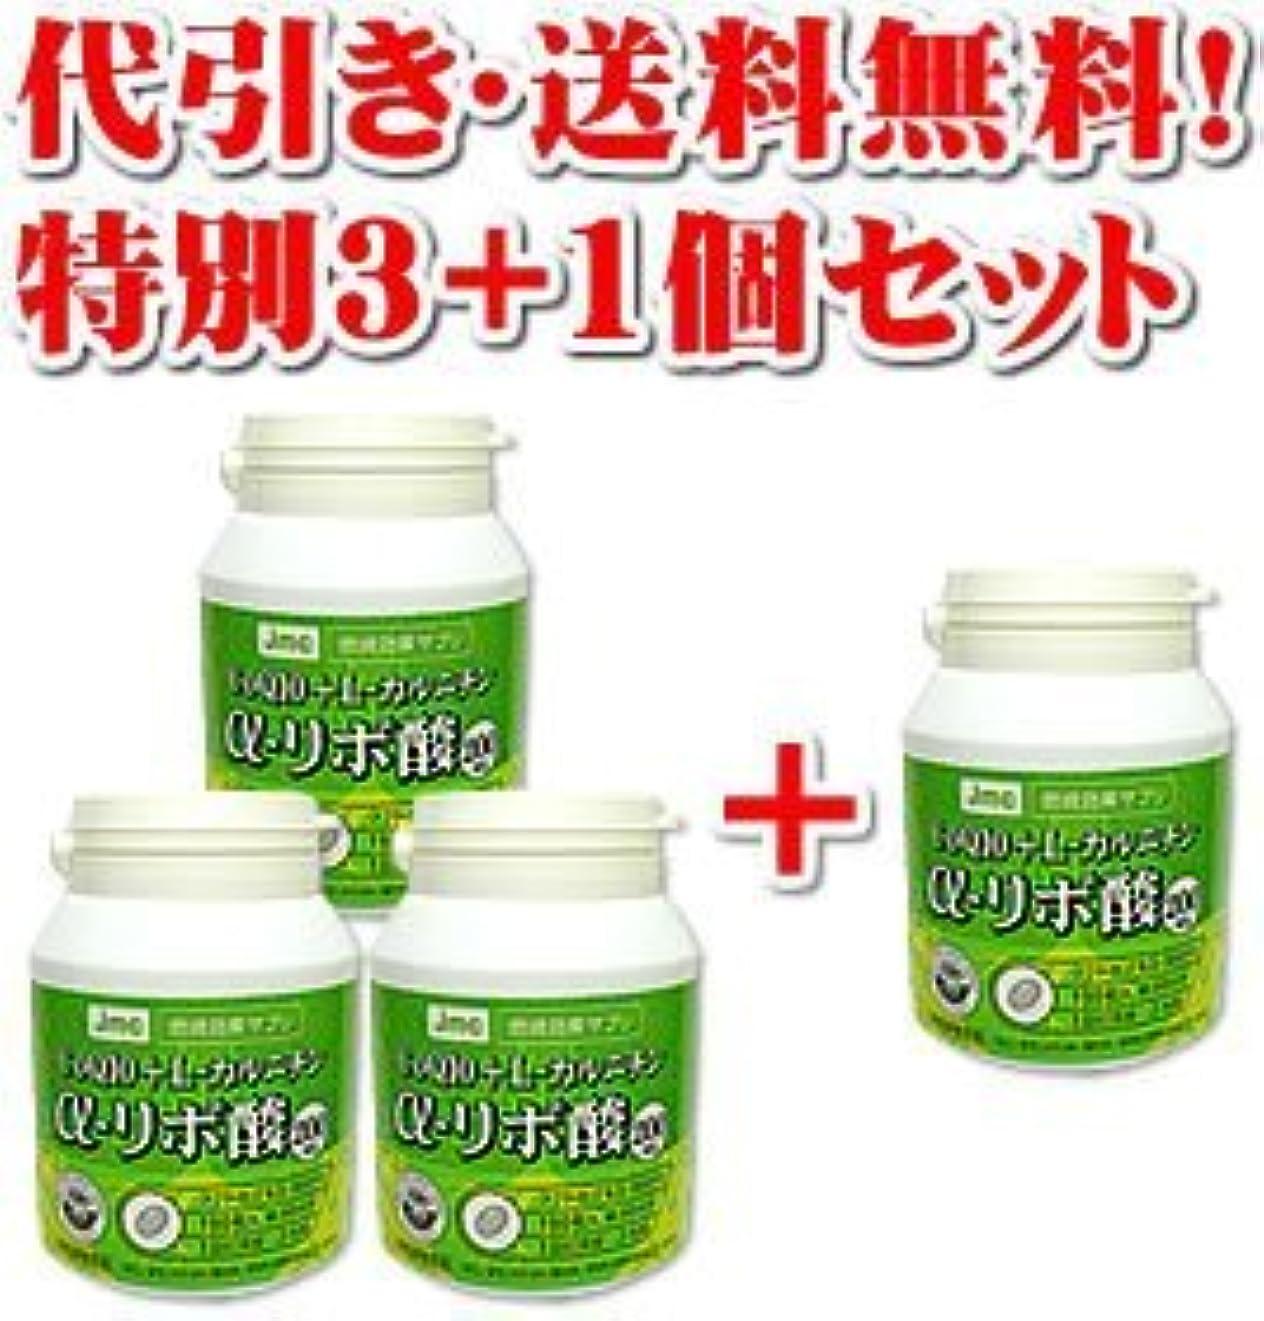 フィードオン愛するだろうα-リポ酸200mg(ダイエットの4大成分を1粒に凝縮)4個セット